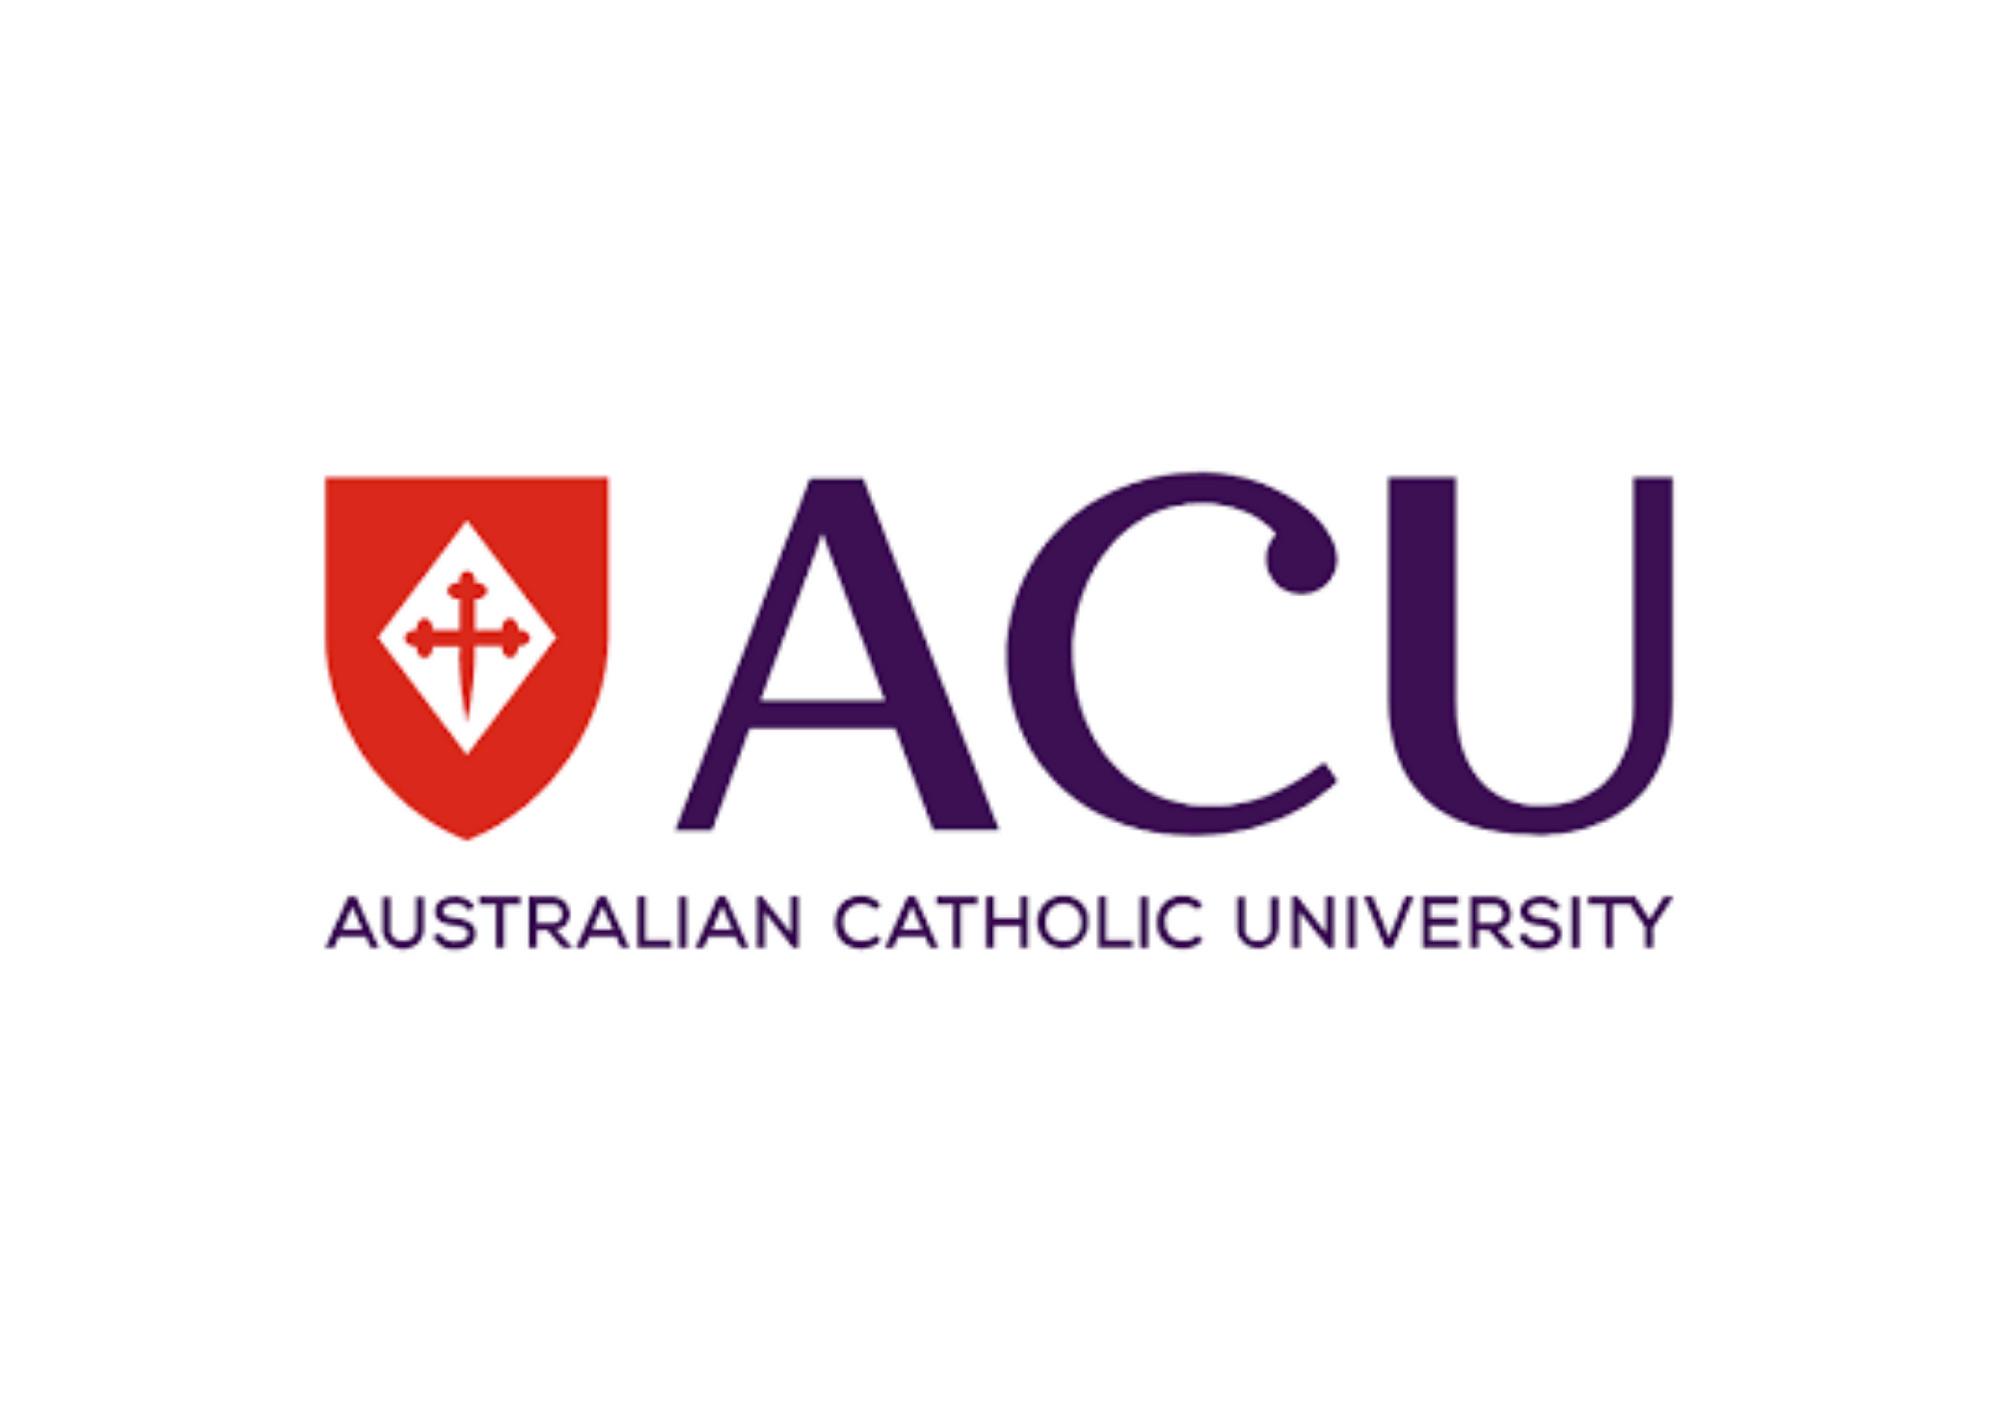 เรียนต่อ มหาวิทยาลัย ออสเตรเลีย